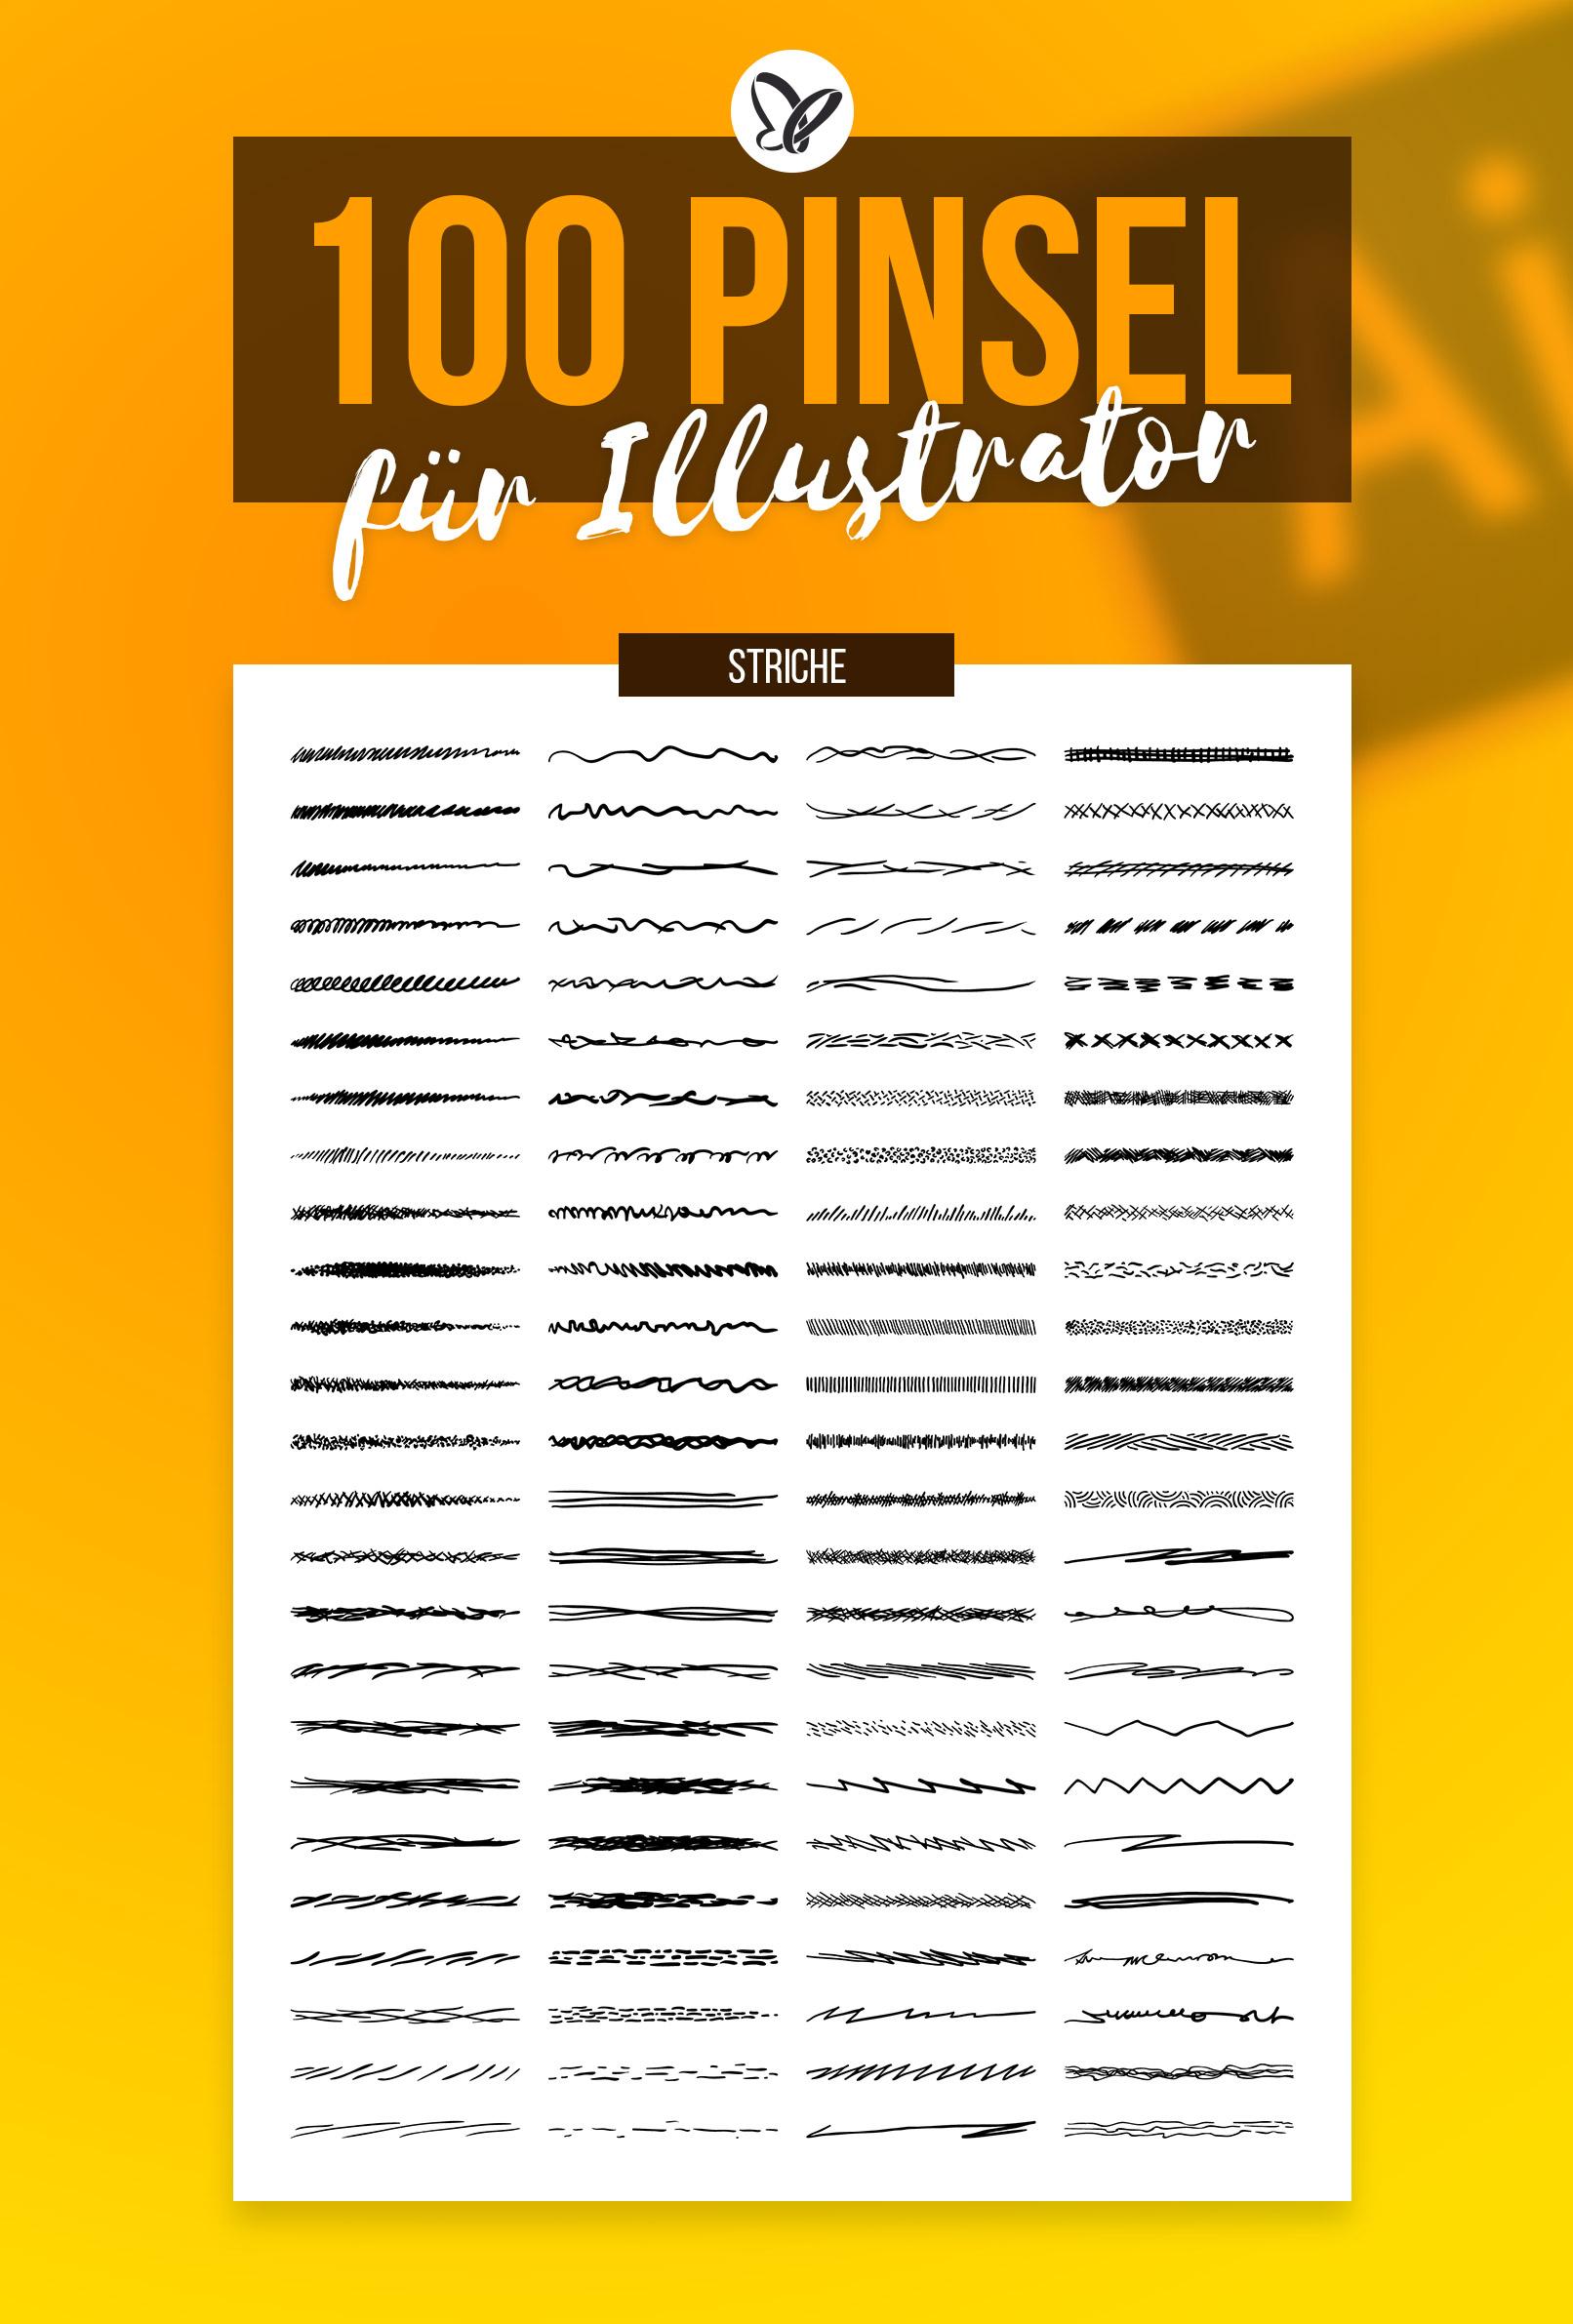 Vorschau auf die 100 Adobe Illustrator Pinsel für skizzenartige bis kunstvolle Vektorgrafiken